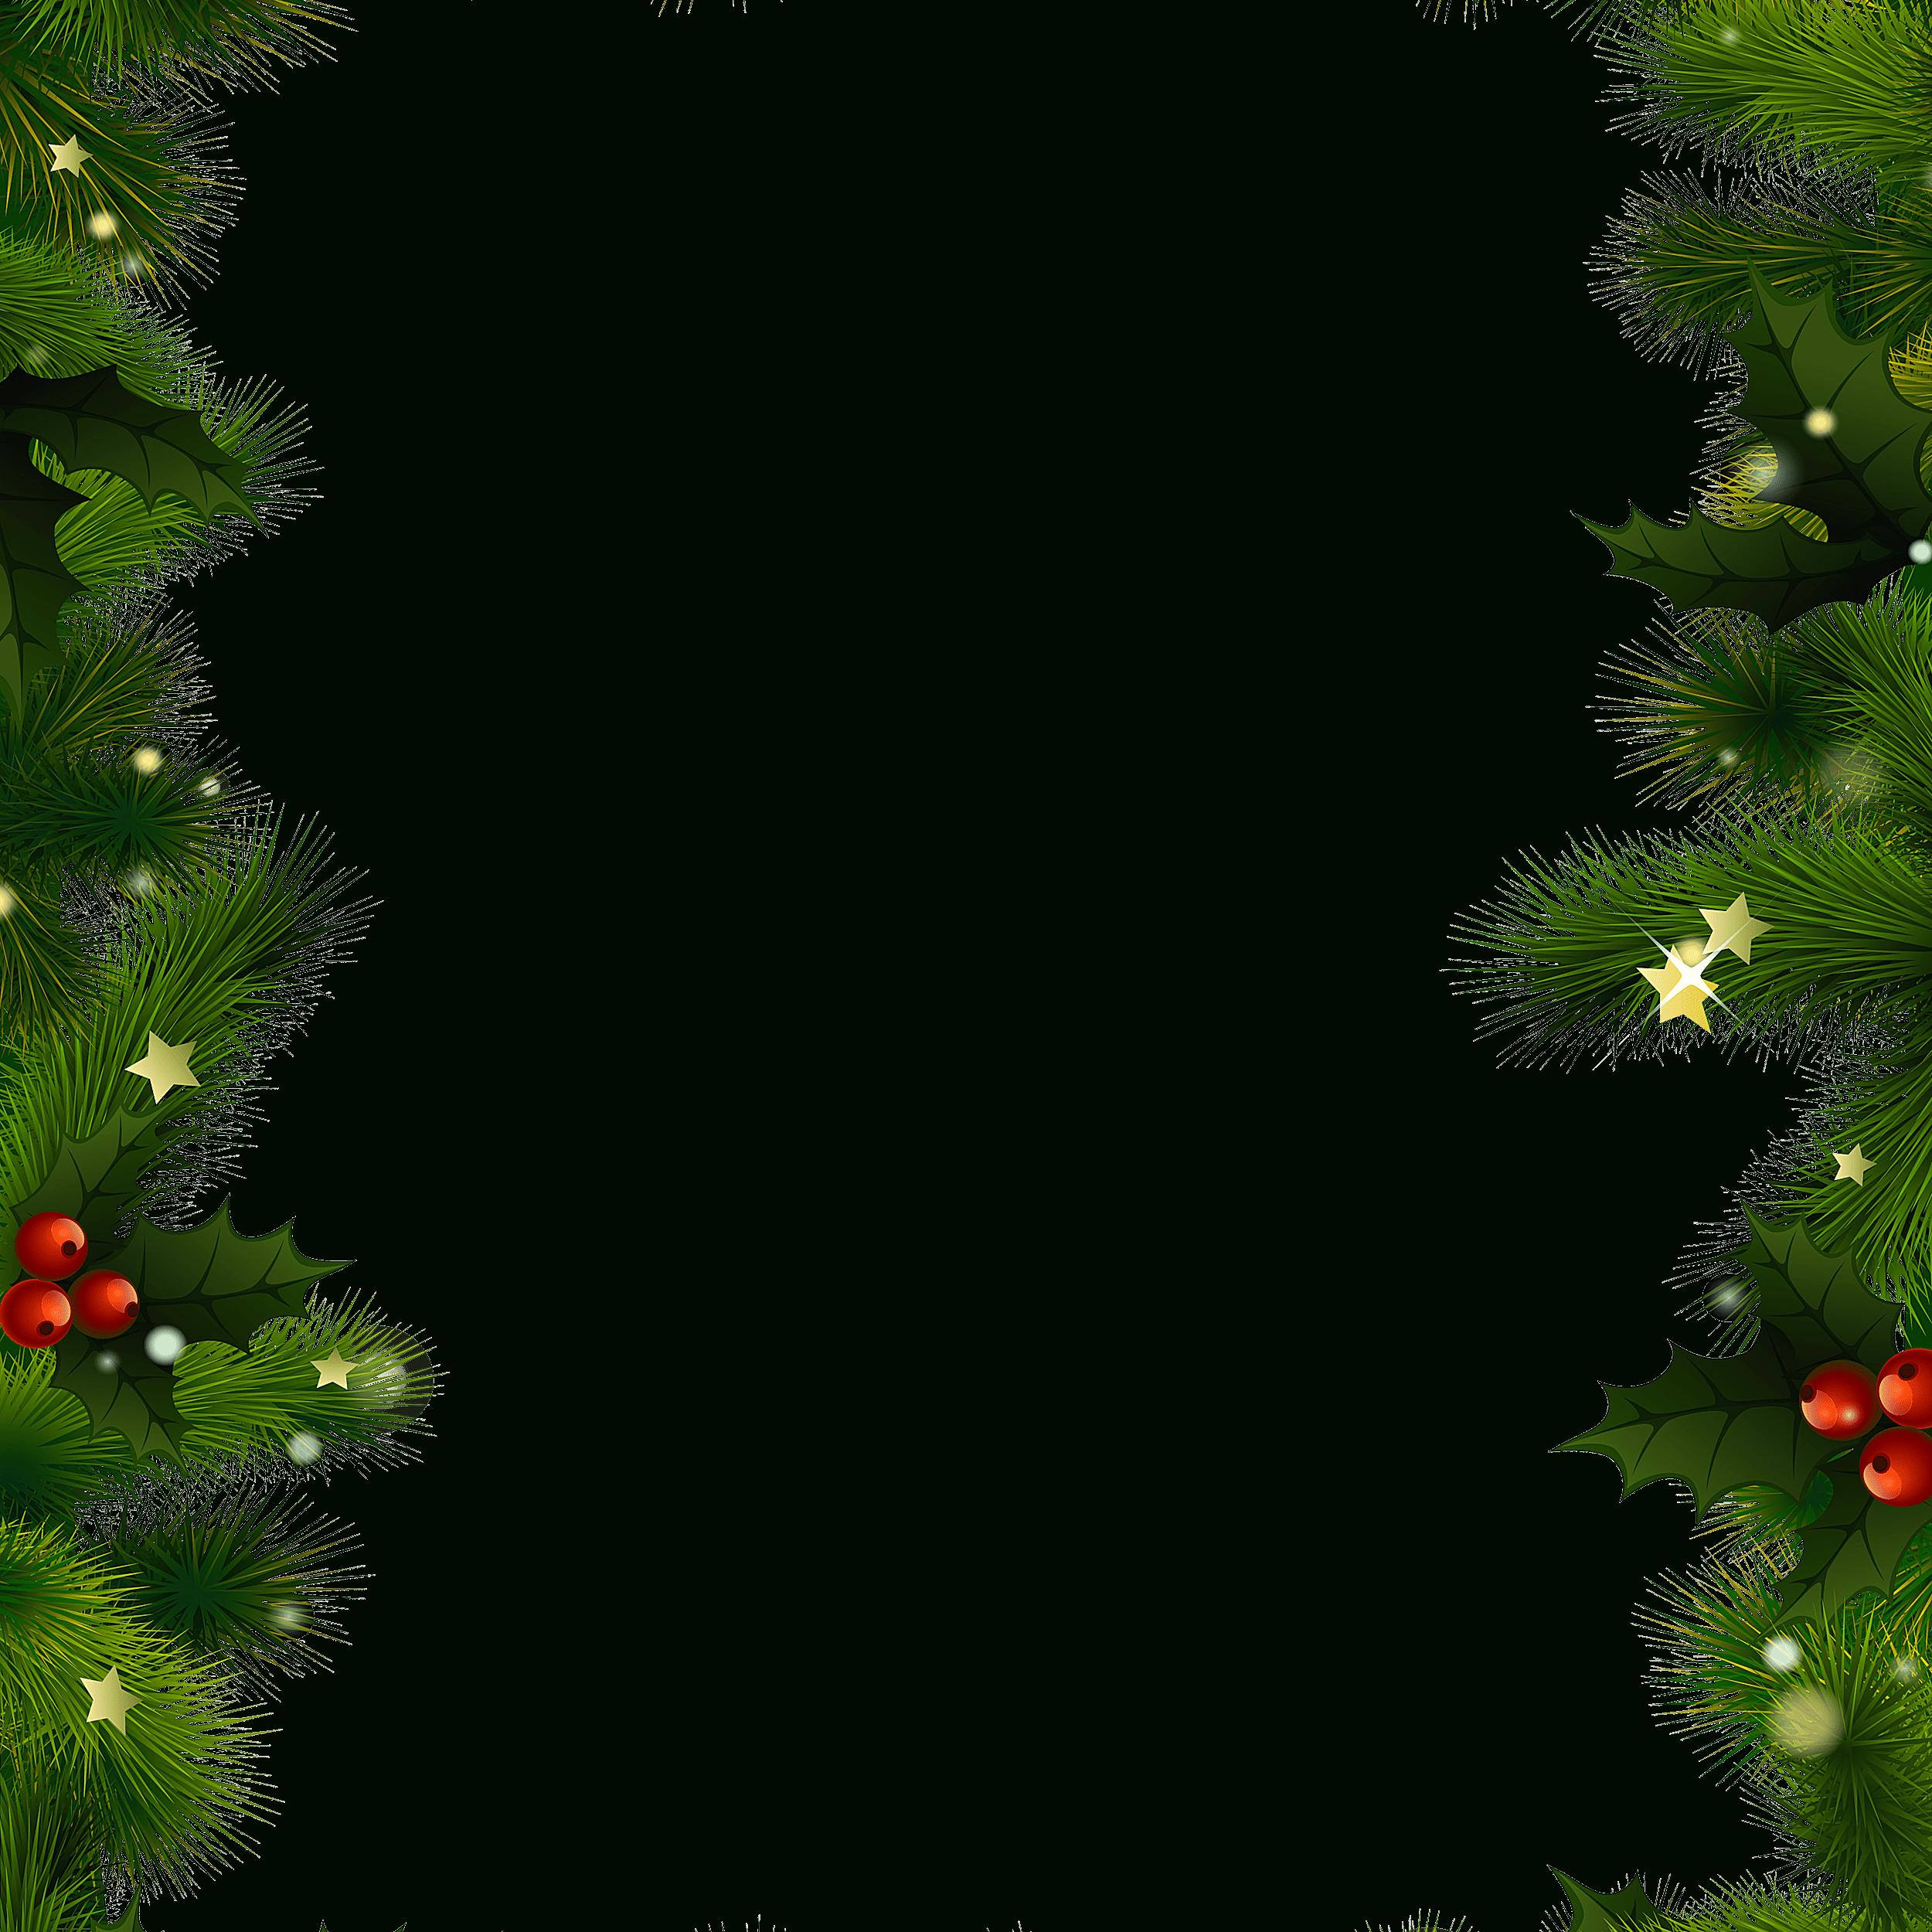 Free Christmas Borders And Frames - Free Printable Christmas Backgrounds